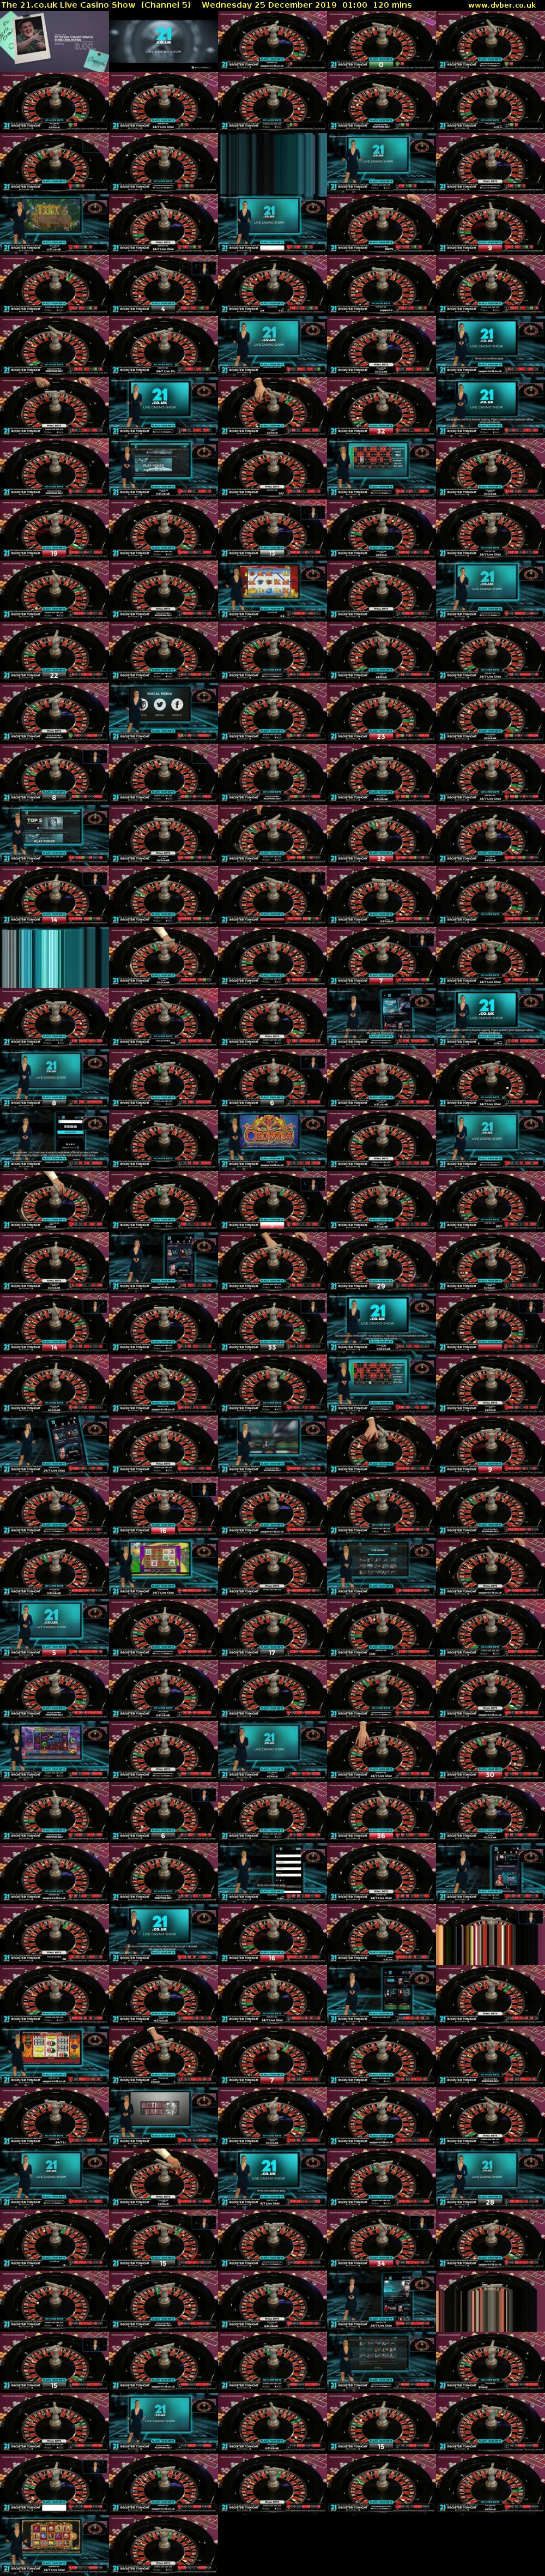 Uk Live Casino